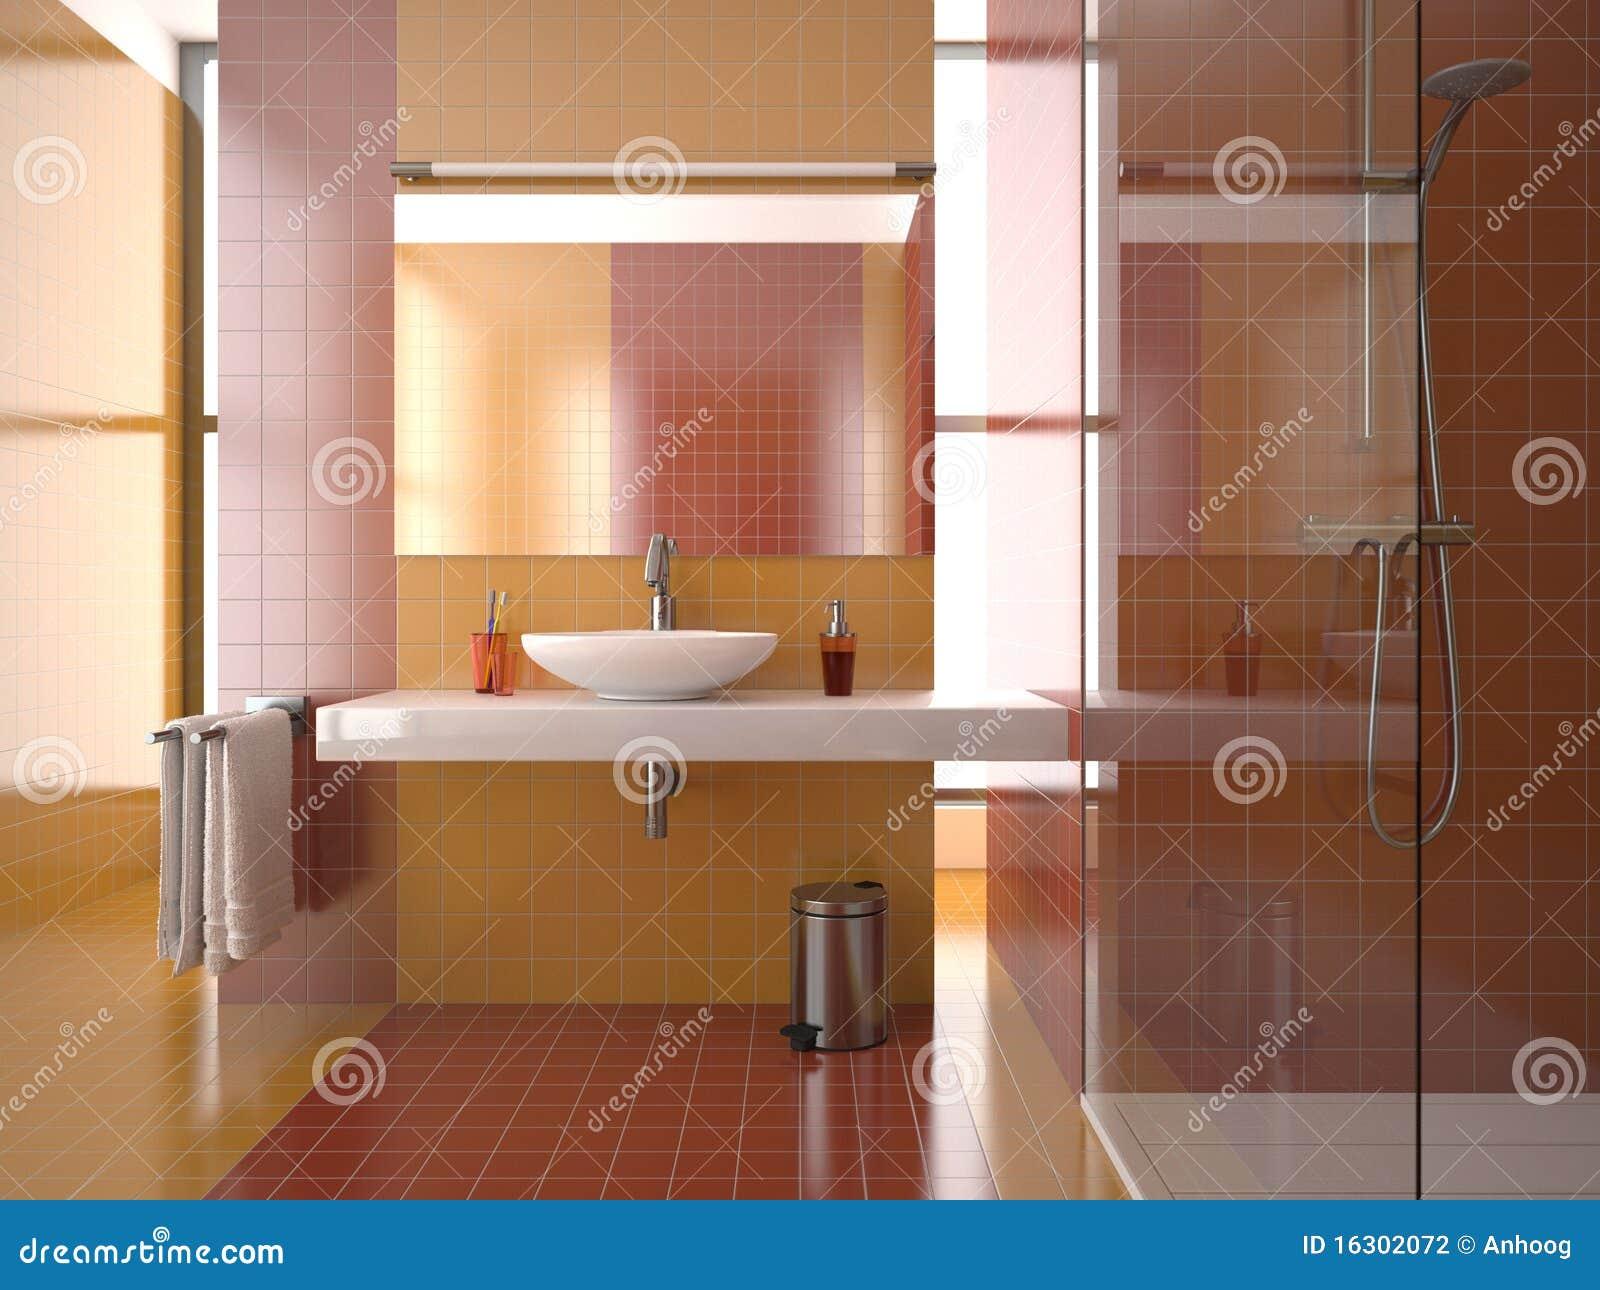 Modernes Badezimmer Mit Den Roten Und Orange Fliesen Stock Abbildung ...